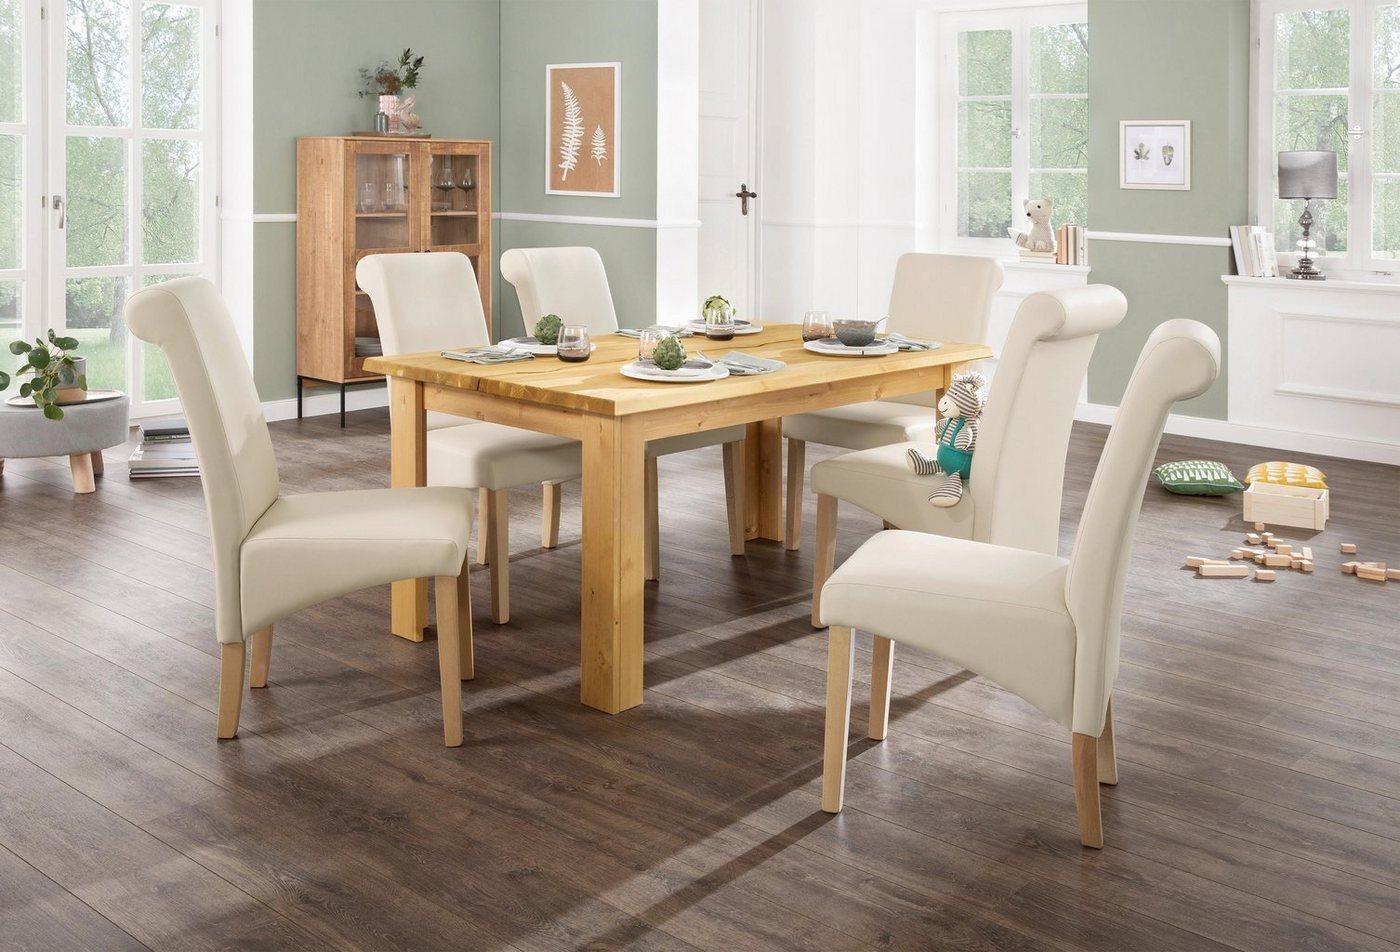 Home affaire Esstisch »Ixo« Mit 2 dekorativ geschwungenen Oberplatten.. Hochwertige Verarbeitung, zeitloses Design. - Home affaire